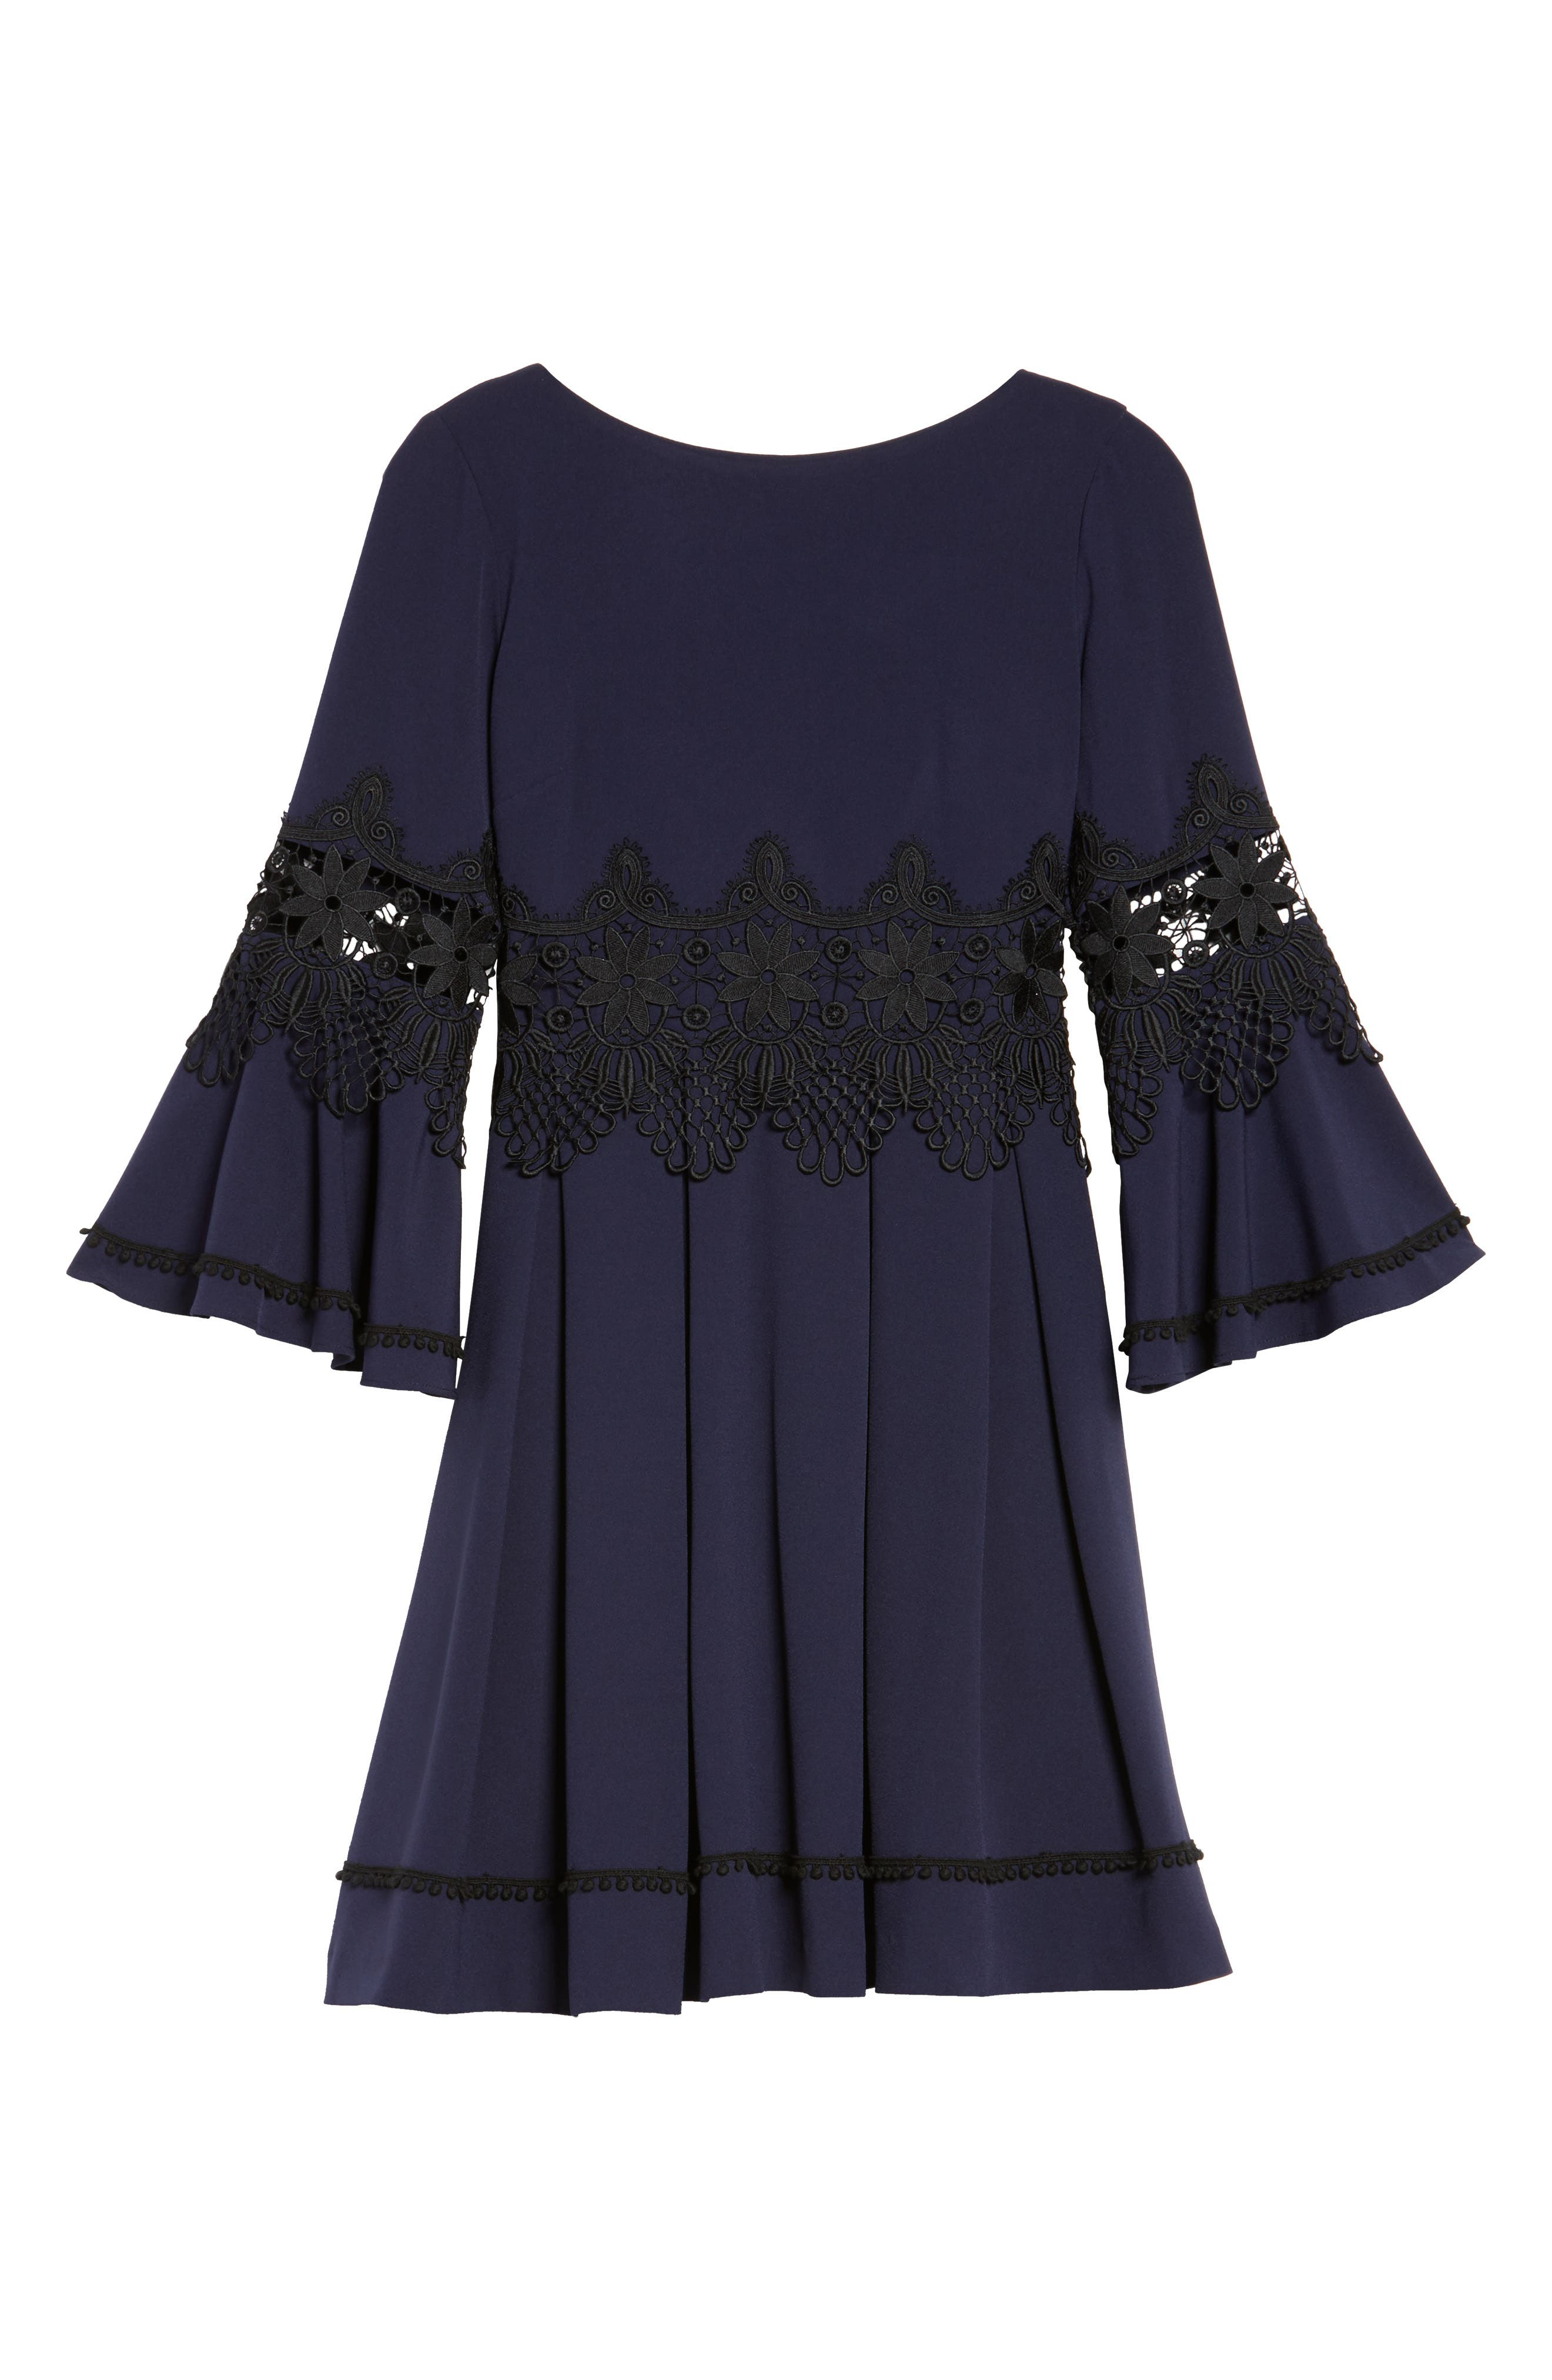 Lace Detail A-Line Dress,                             Alternate thumbnail 6, color,                             488